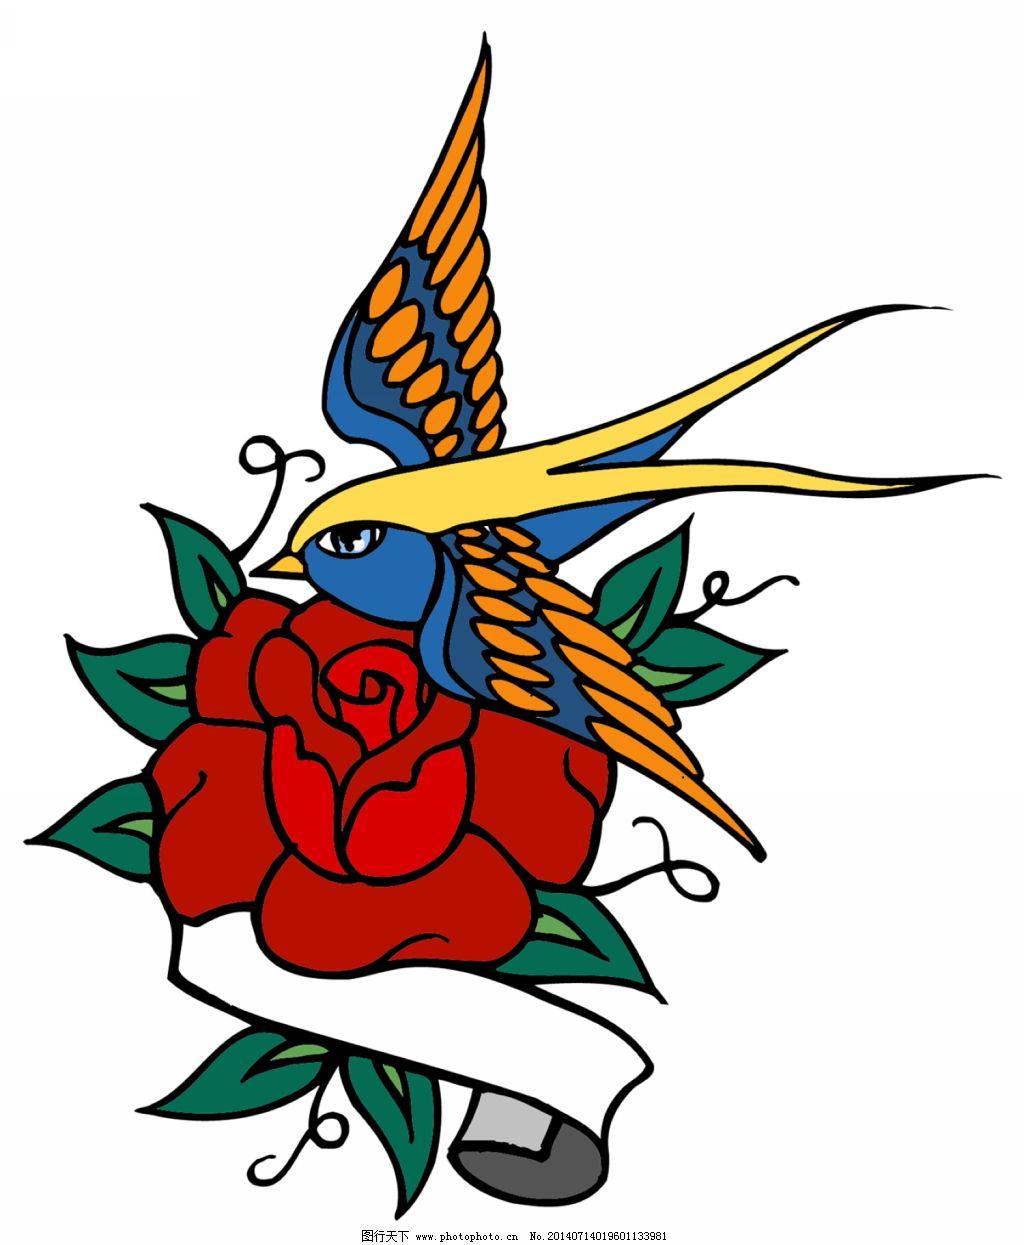 燕子纹身 燕子纹身免费下载 纹身设计图案素材 燕子彩色纹身 国外纹身